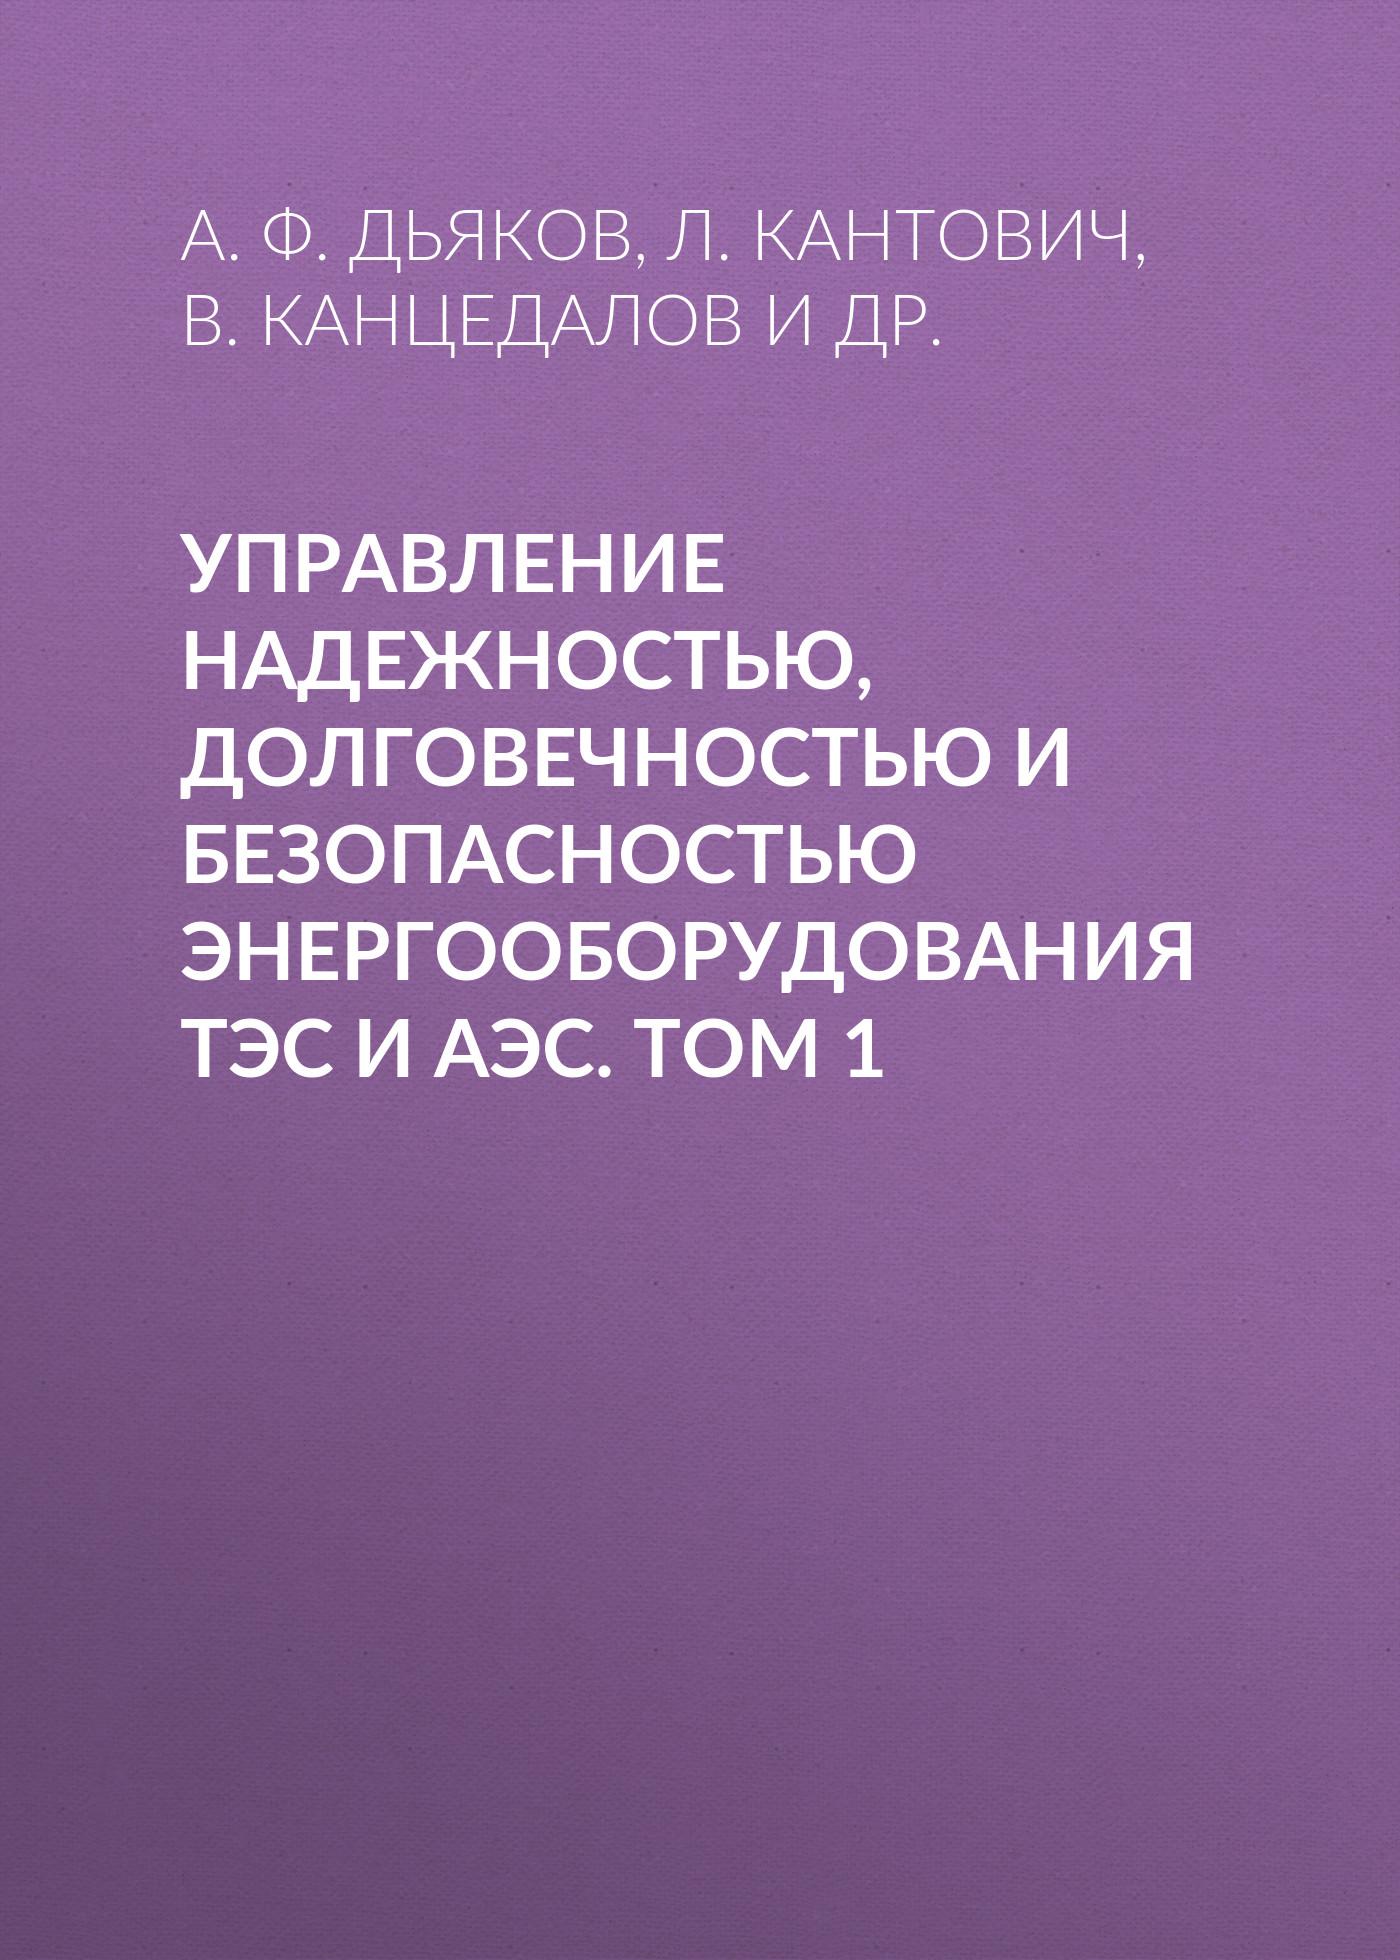 А. Ф. Дьяков Управление надежностью, долговечностью и безопасностью энергооборудования ТЭС и АЭС. Том 1